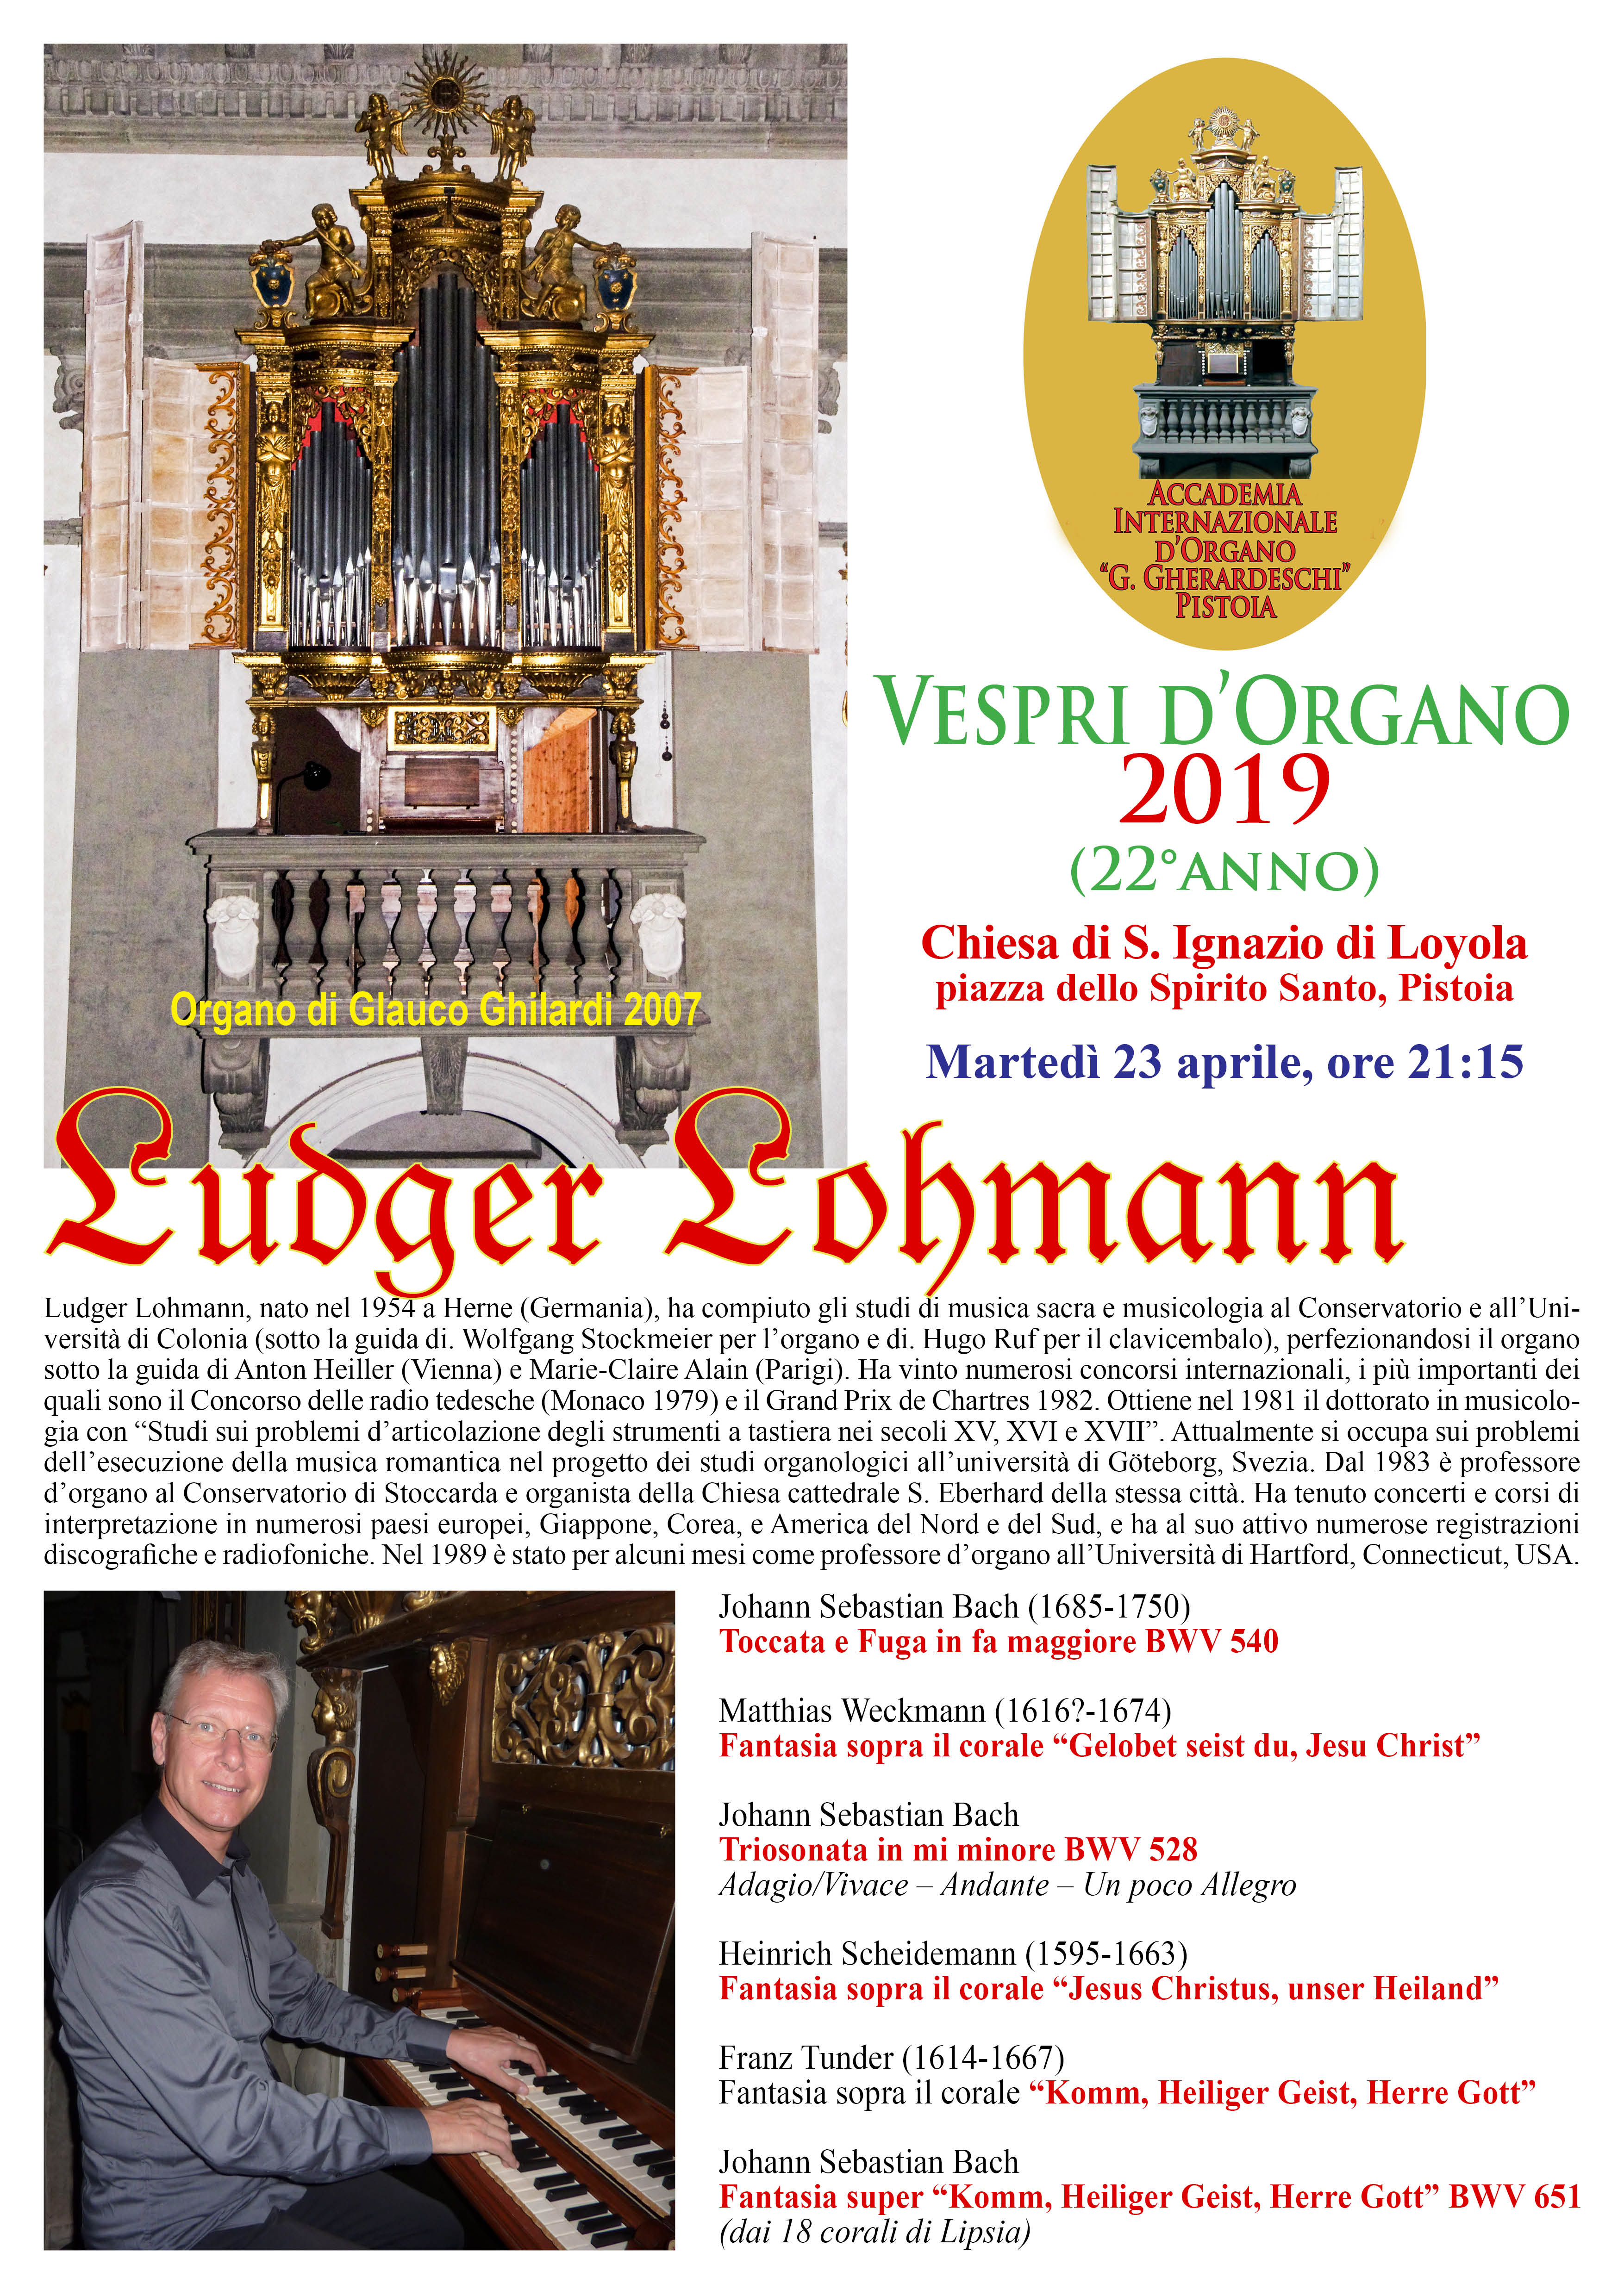 Vespro d'Organo @ Chiesa di S. Ignazio di Loyola